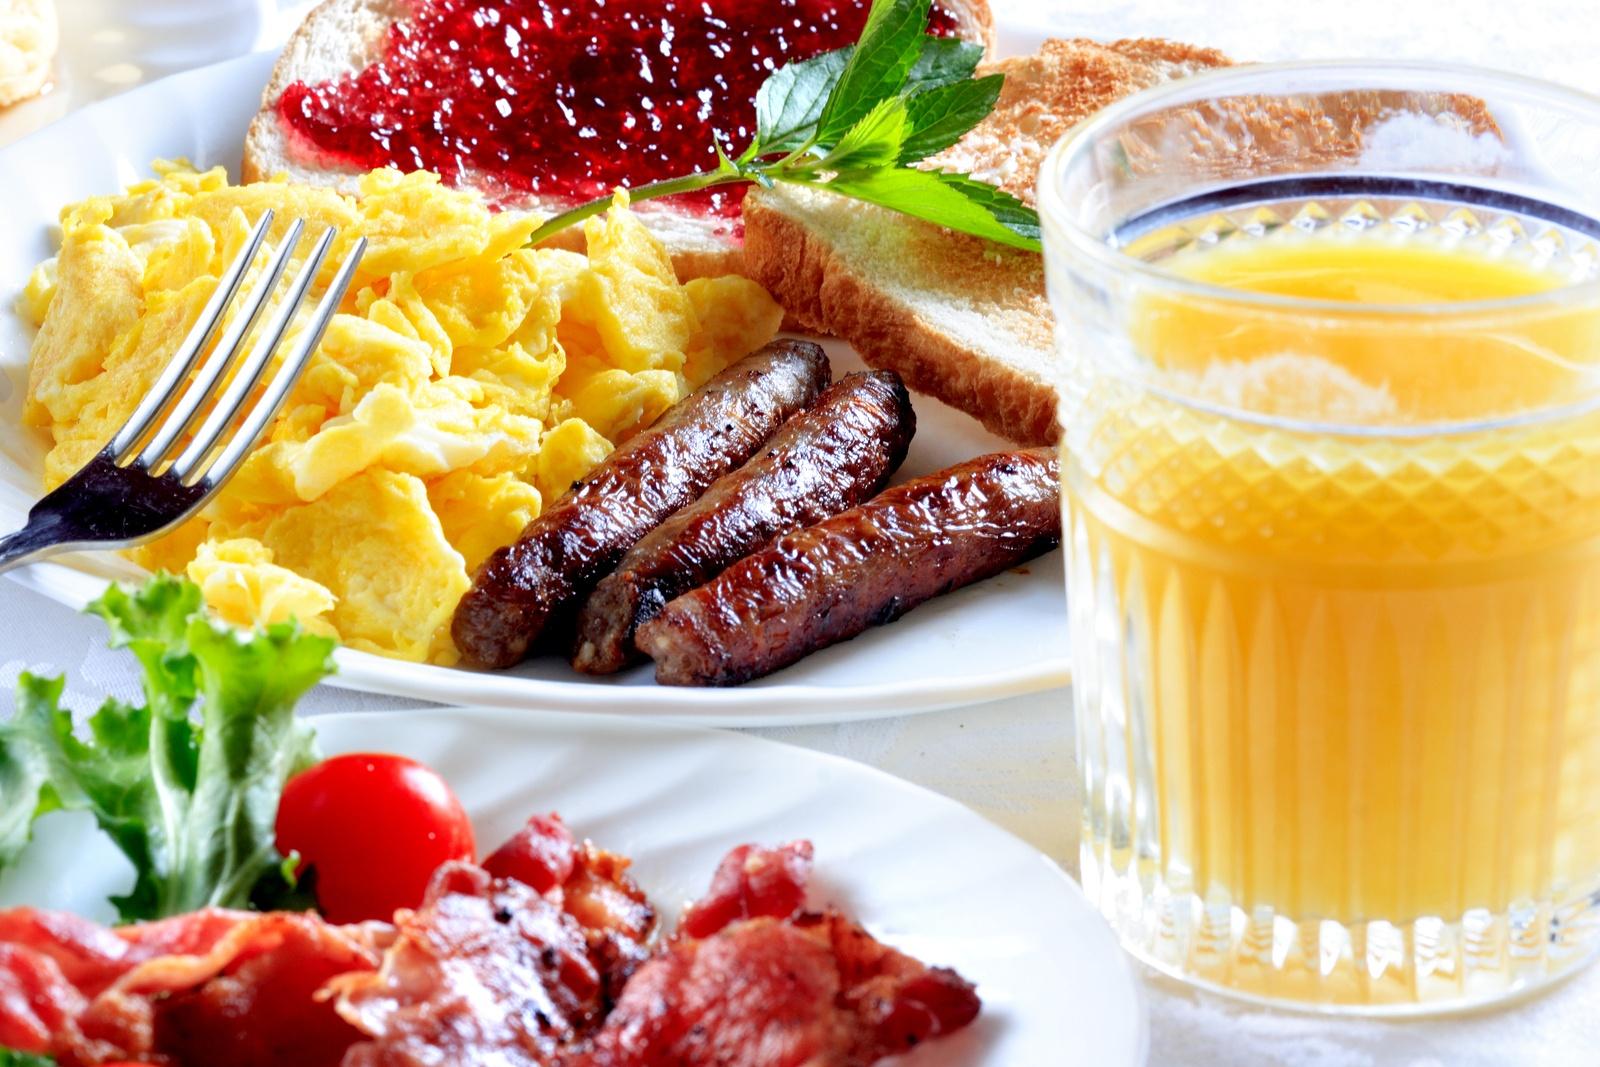 bigstock-breakfast-plate-18481976-1.jpg